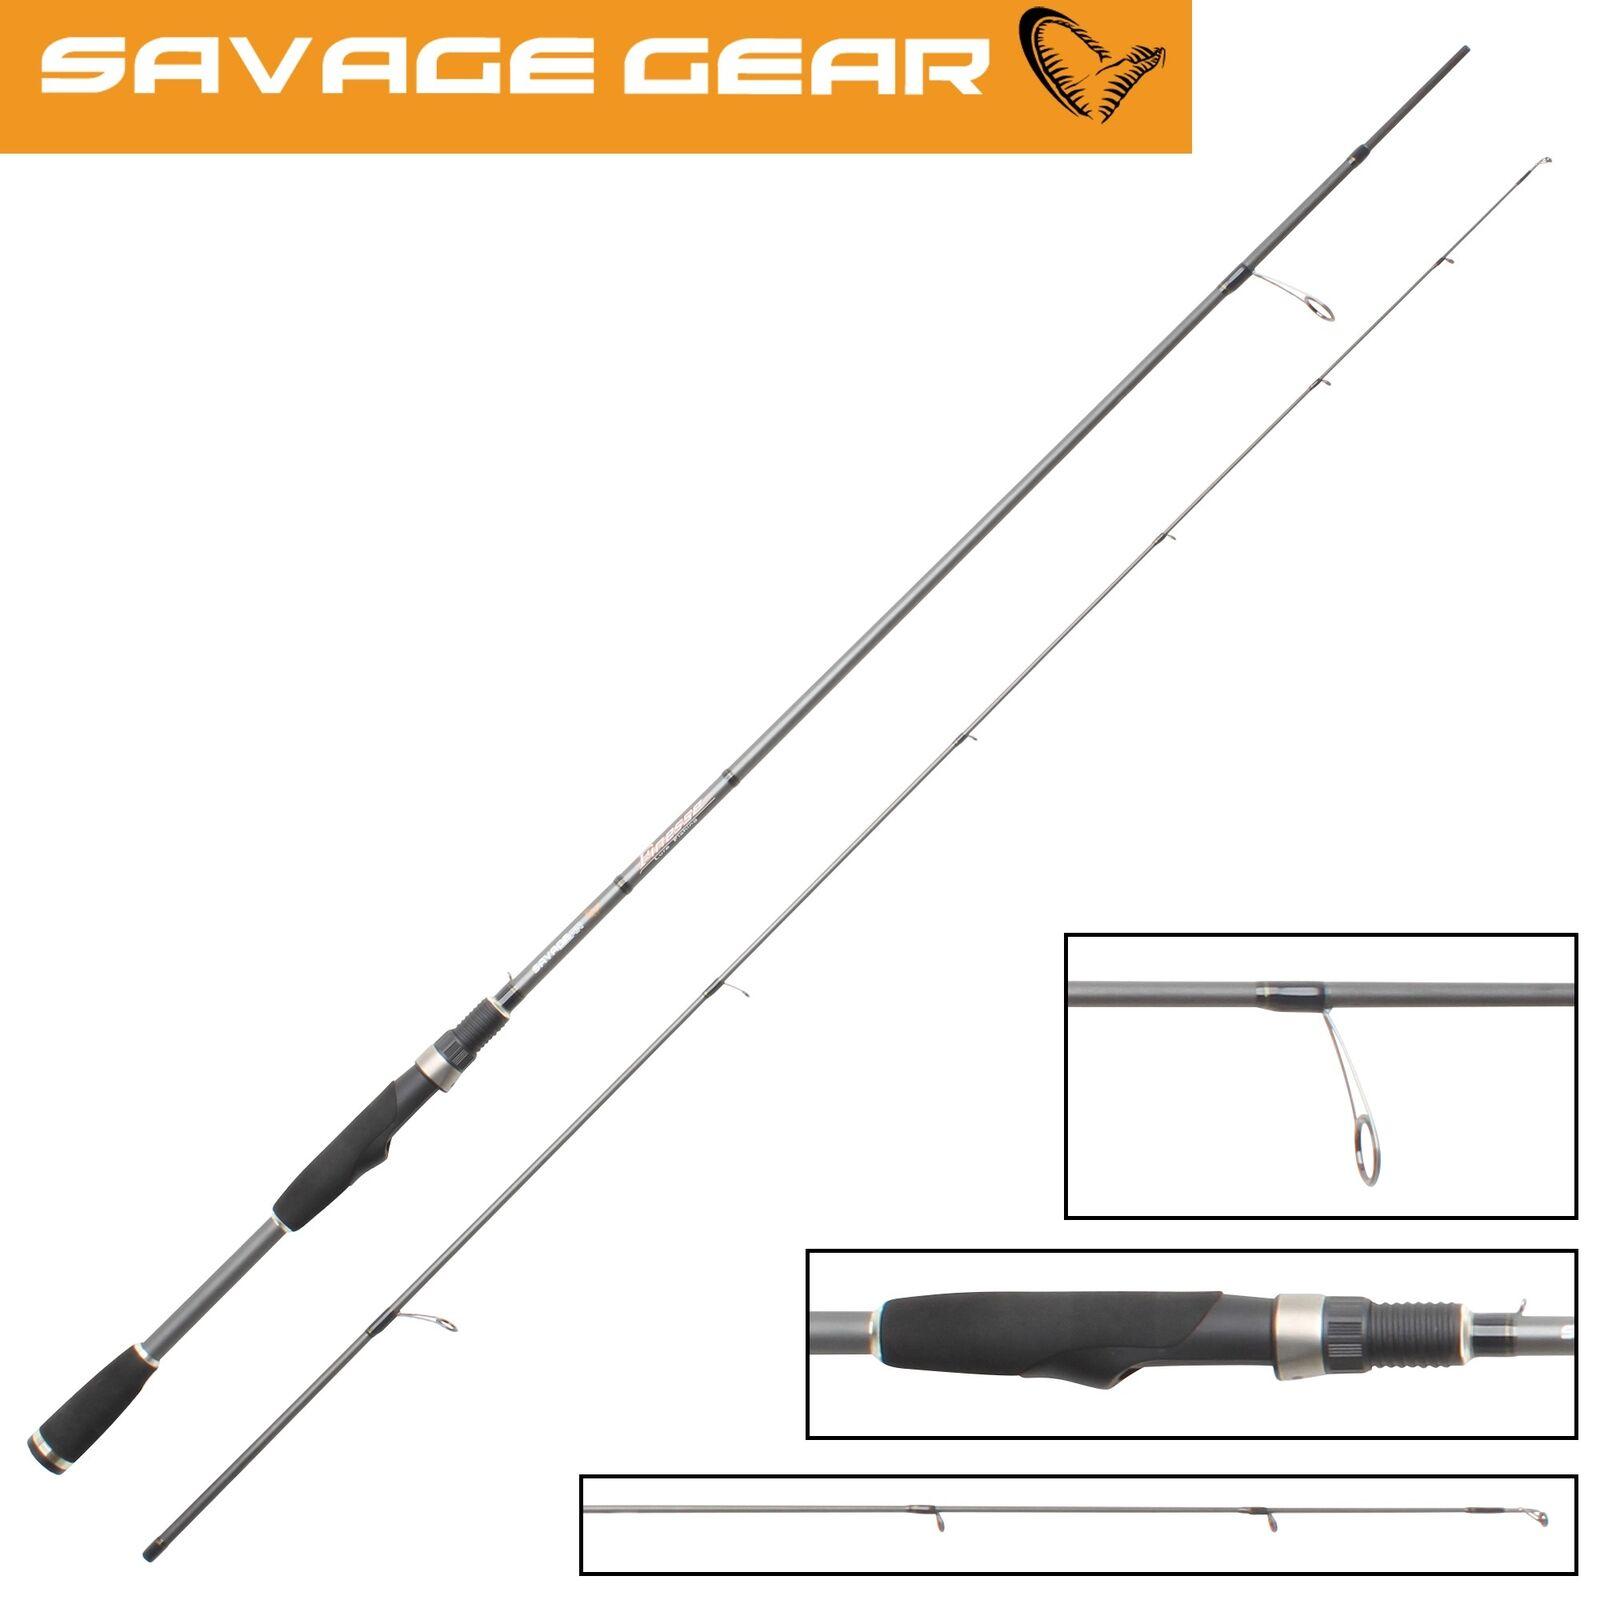 Savage Gear Finezze Dropshot für Rute 233cm 5-20g, Spinnrute für Dropshot Raubfische cc4411